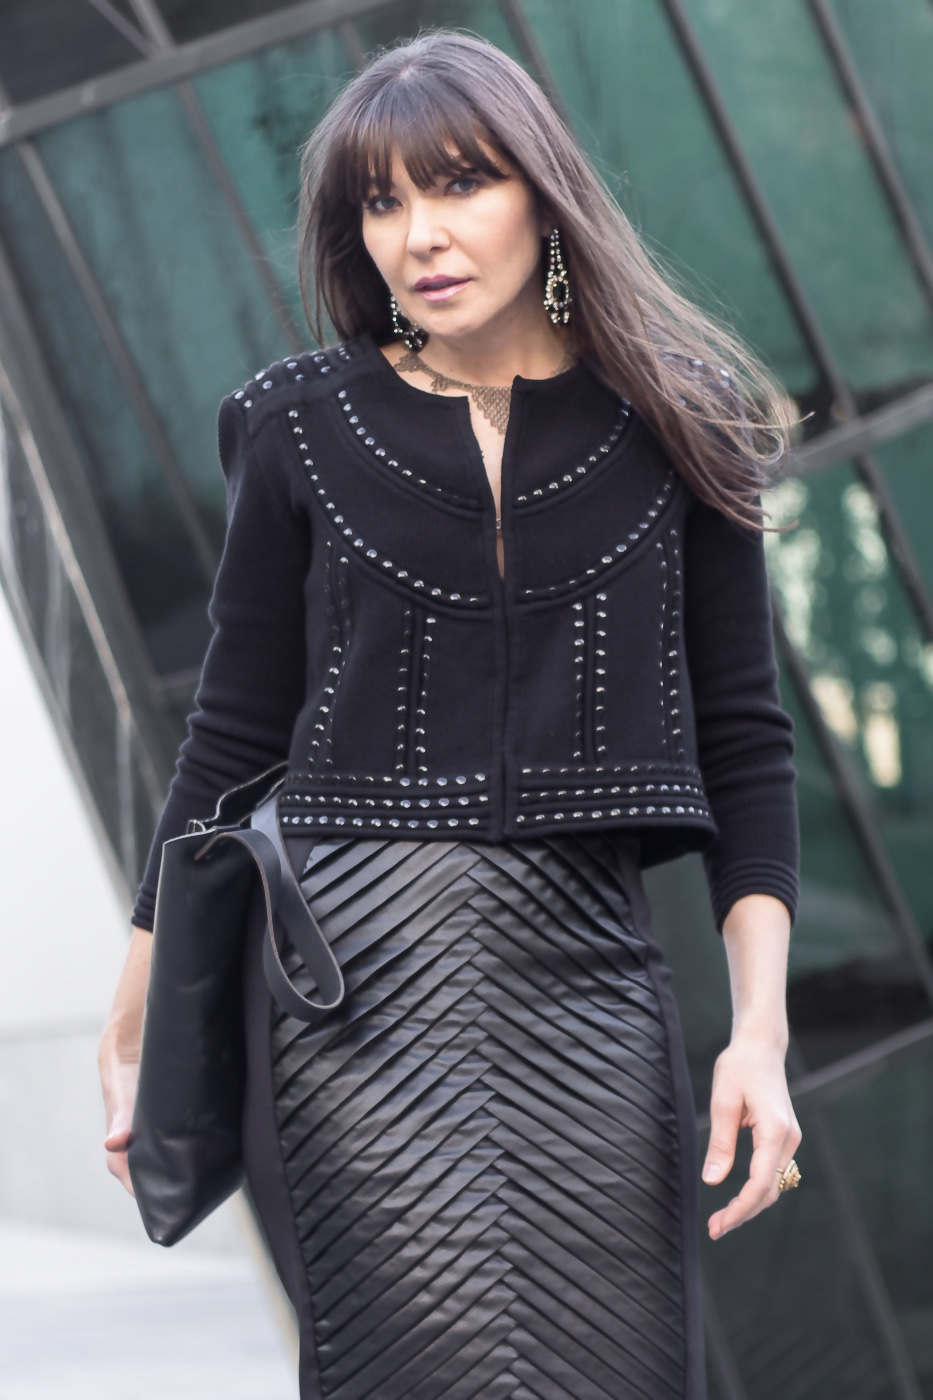 Mahsa leather skirt and Sasha Maks Vintage earrings.